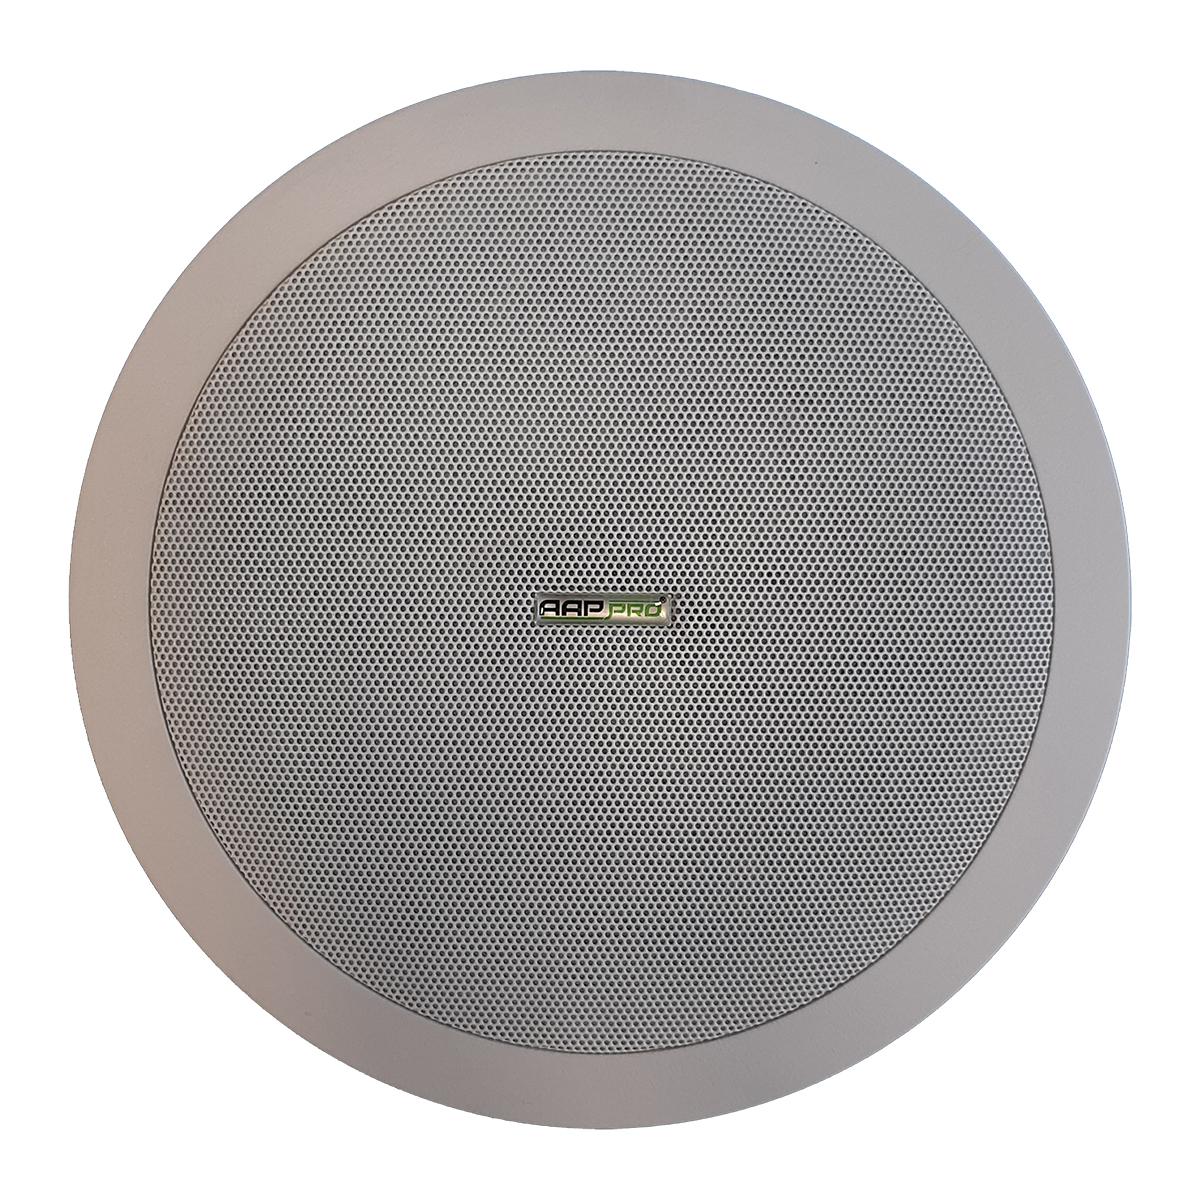 بررسی و {خرید با تخفیف}                                     اسپیکر سقفی اپ پرو مدل PA-3G-18                             اصل